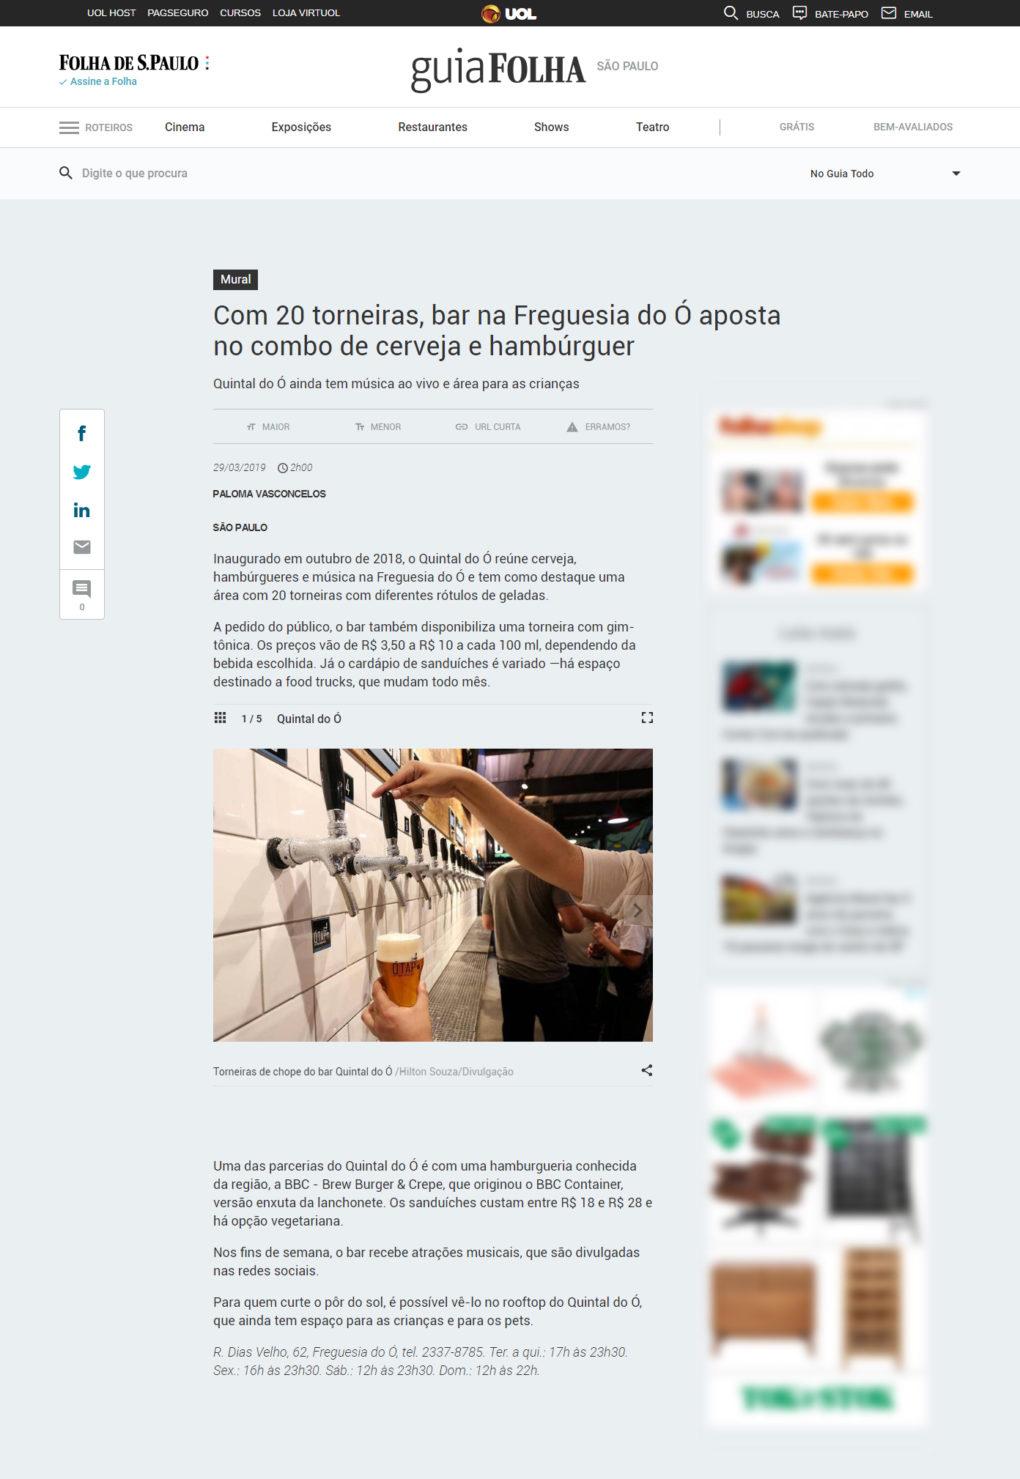 [Folha] Com 20 torneiras, bar na Freguesia do Ó aposta no combo de cerveja e hambúrguer